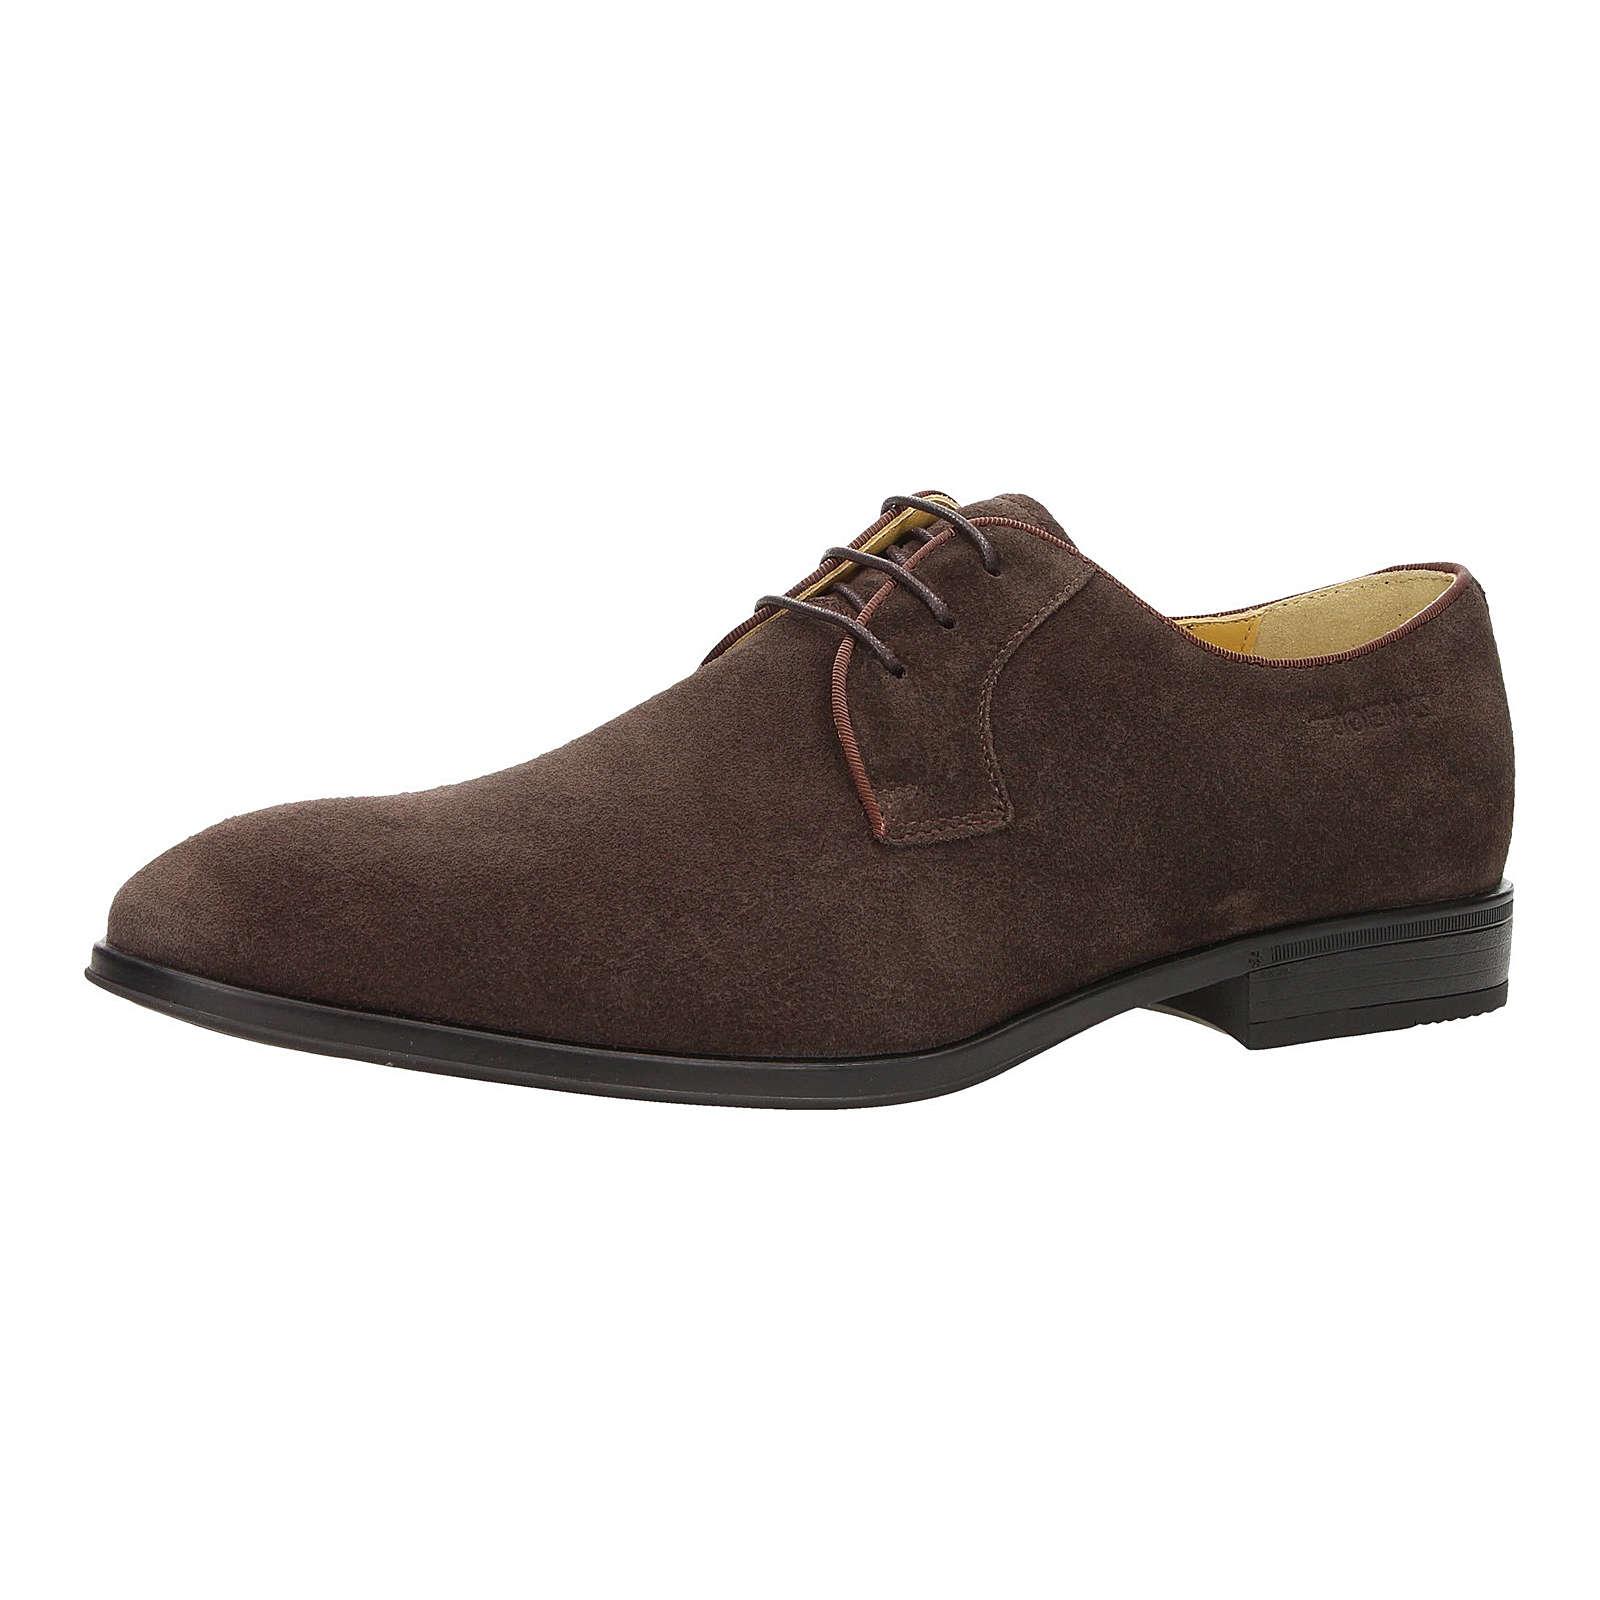 ZWEIGUT® Business Komfort-König smuck #271 Herren Wildleder Business Schuhe Ultraflexibel und leicht dunkelbraun Herren Gr. 47